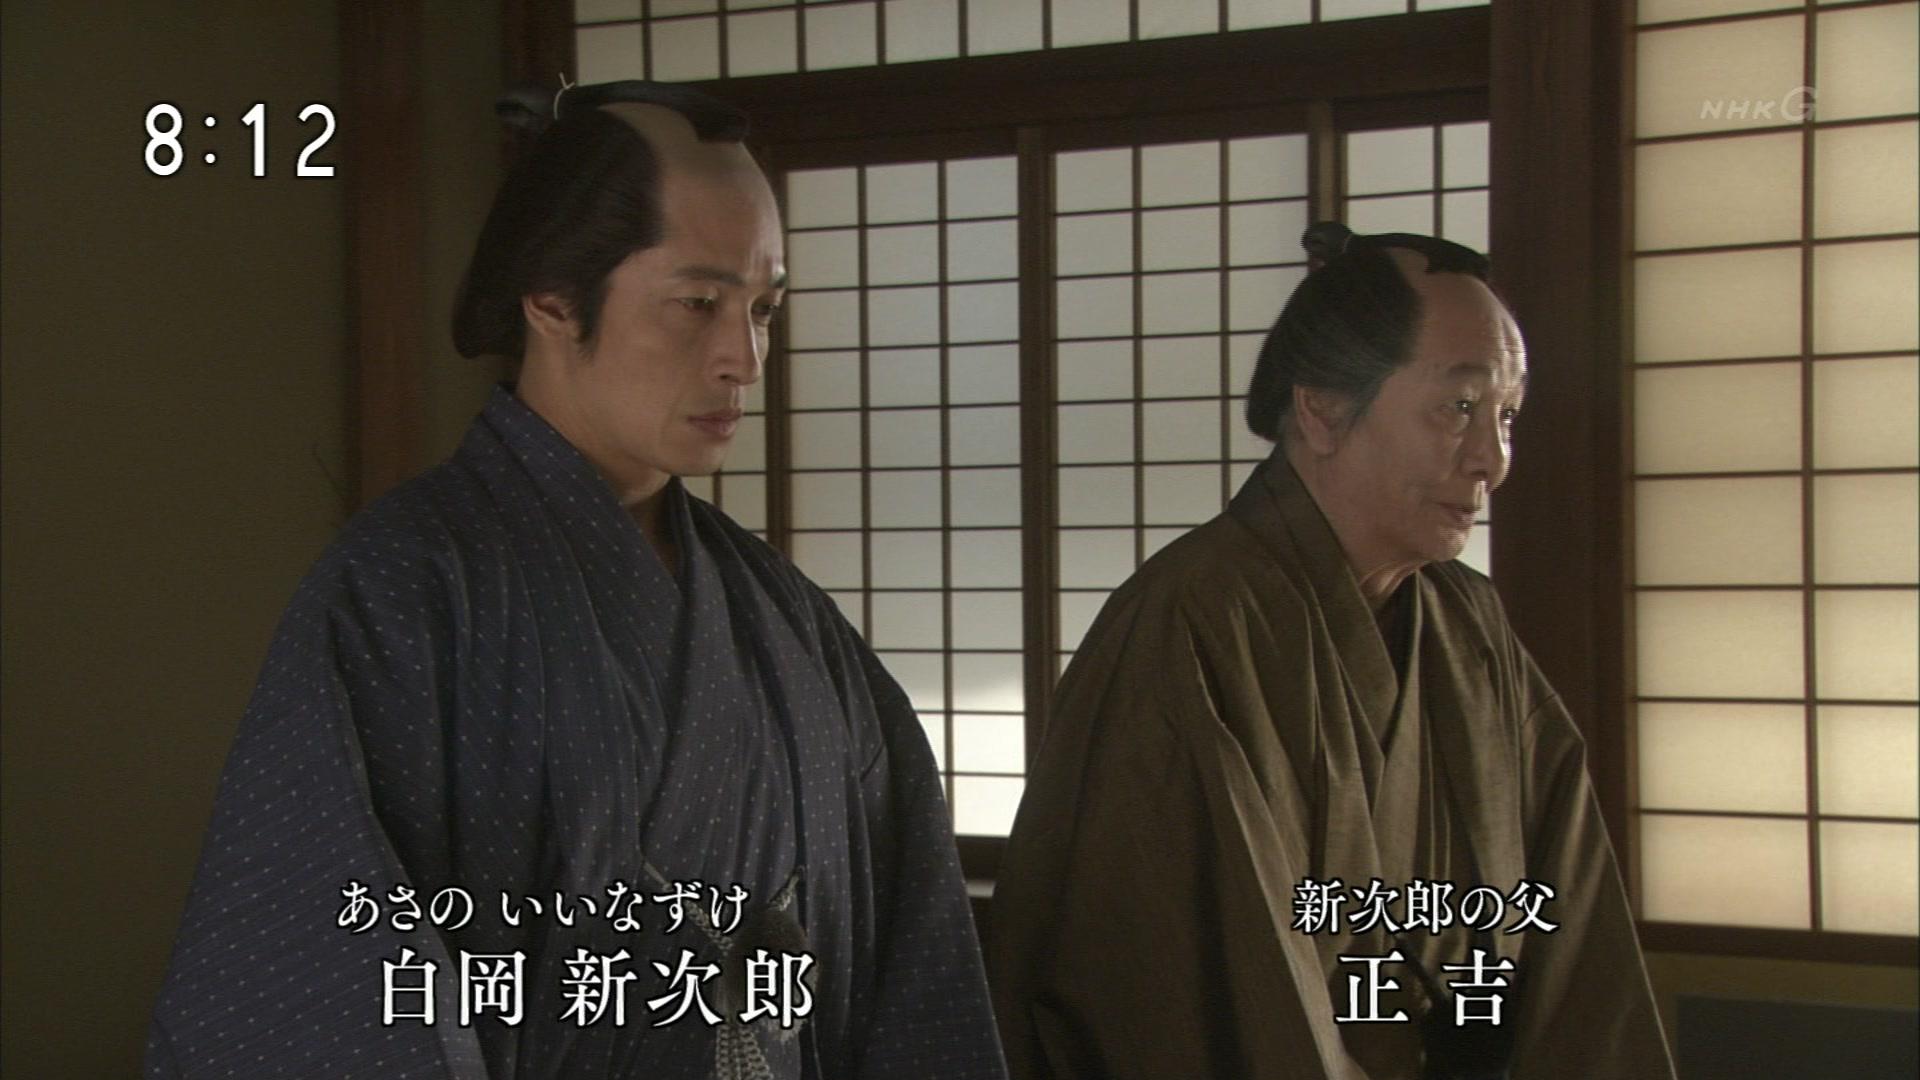 2015-10-09 08:00 連続テレビ小説 あさが来た(11)「ふたつの花びら」 2236